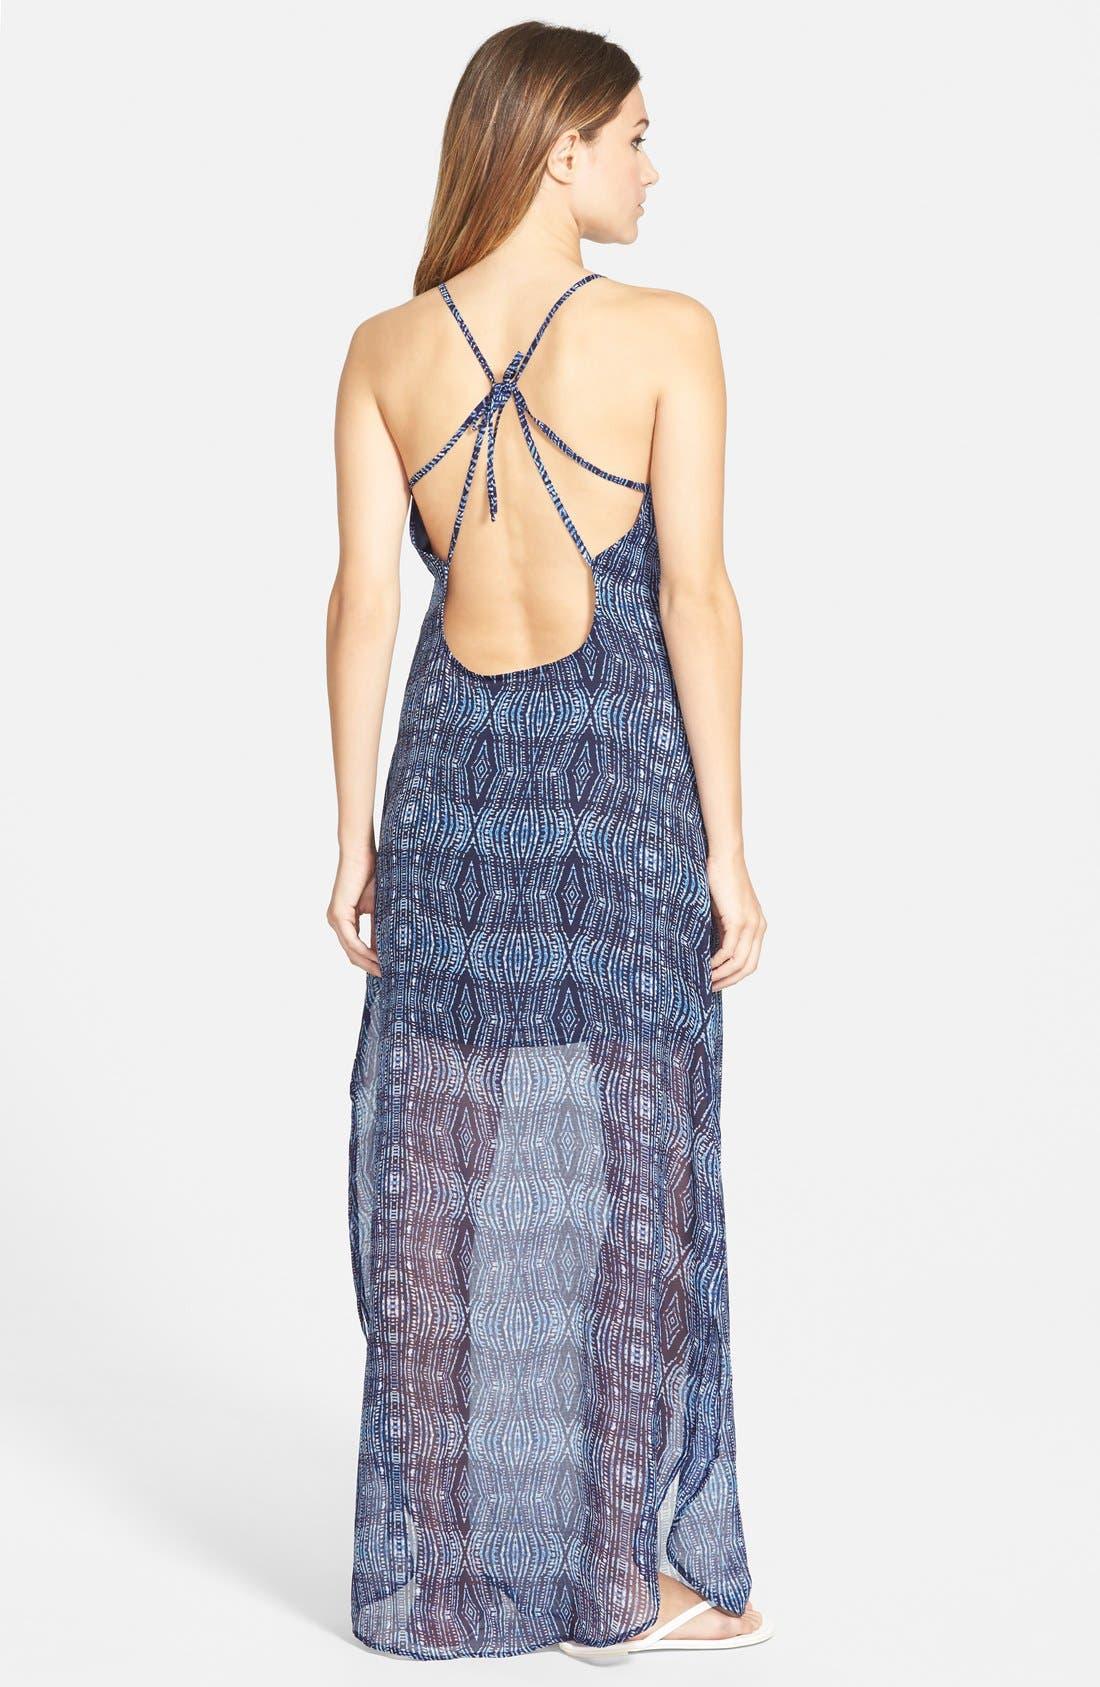 'Hijack Love' Dress,                             Alternate thumbnail 2, color,                             400